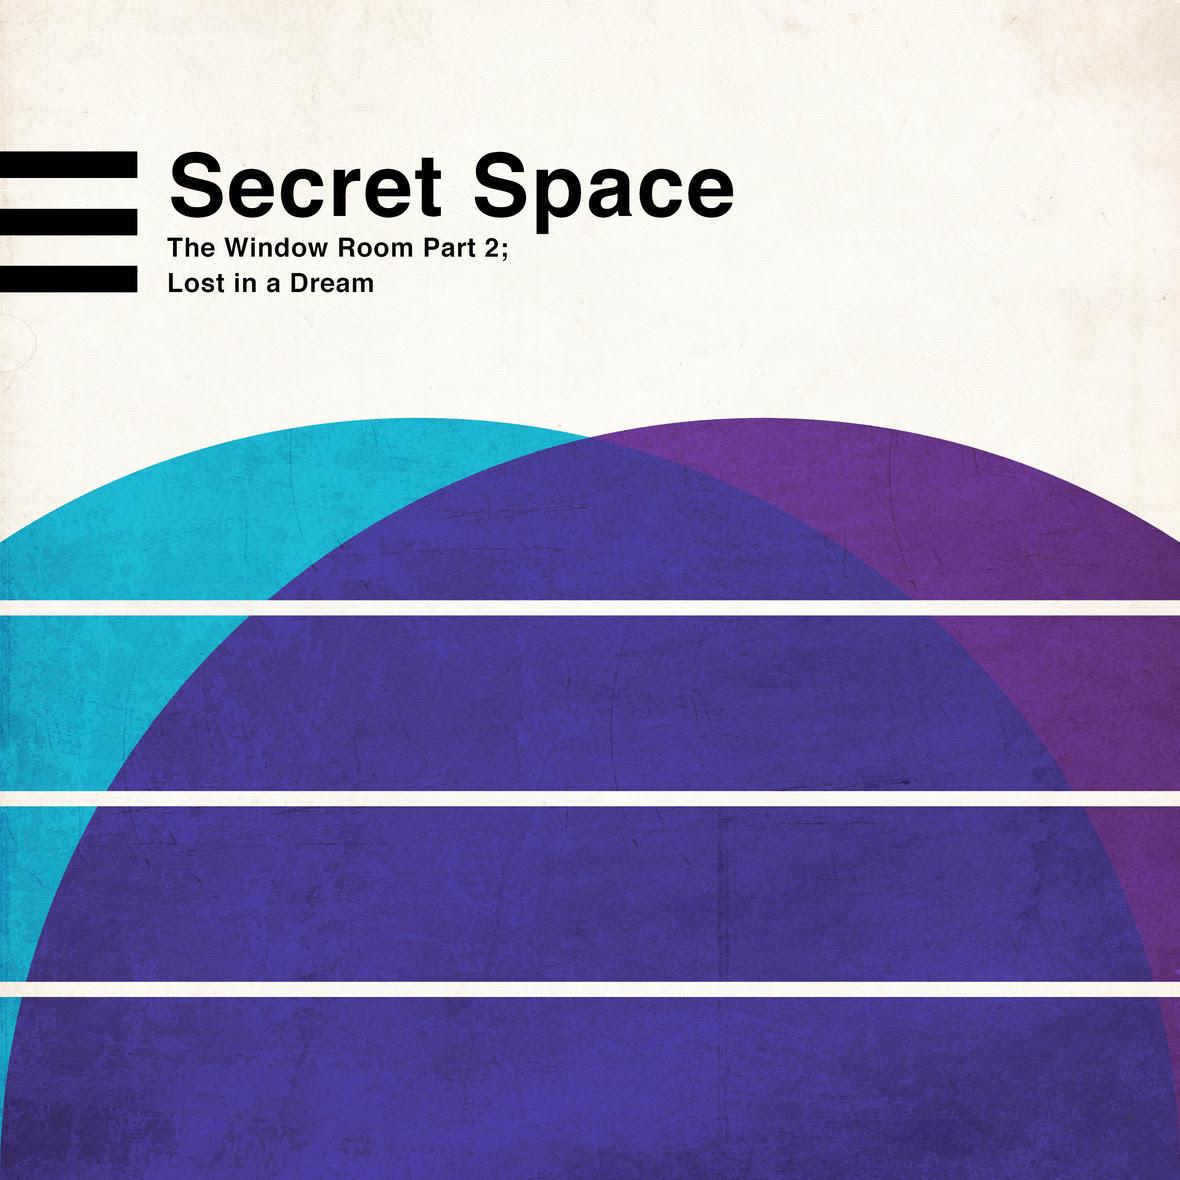 Secret-Space-22-01  1